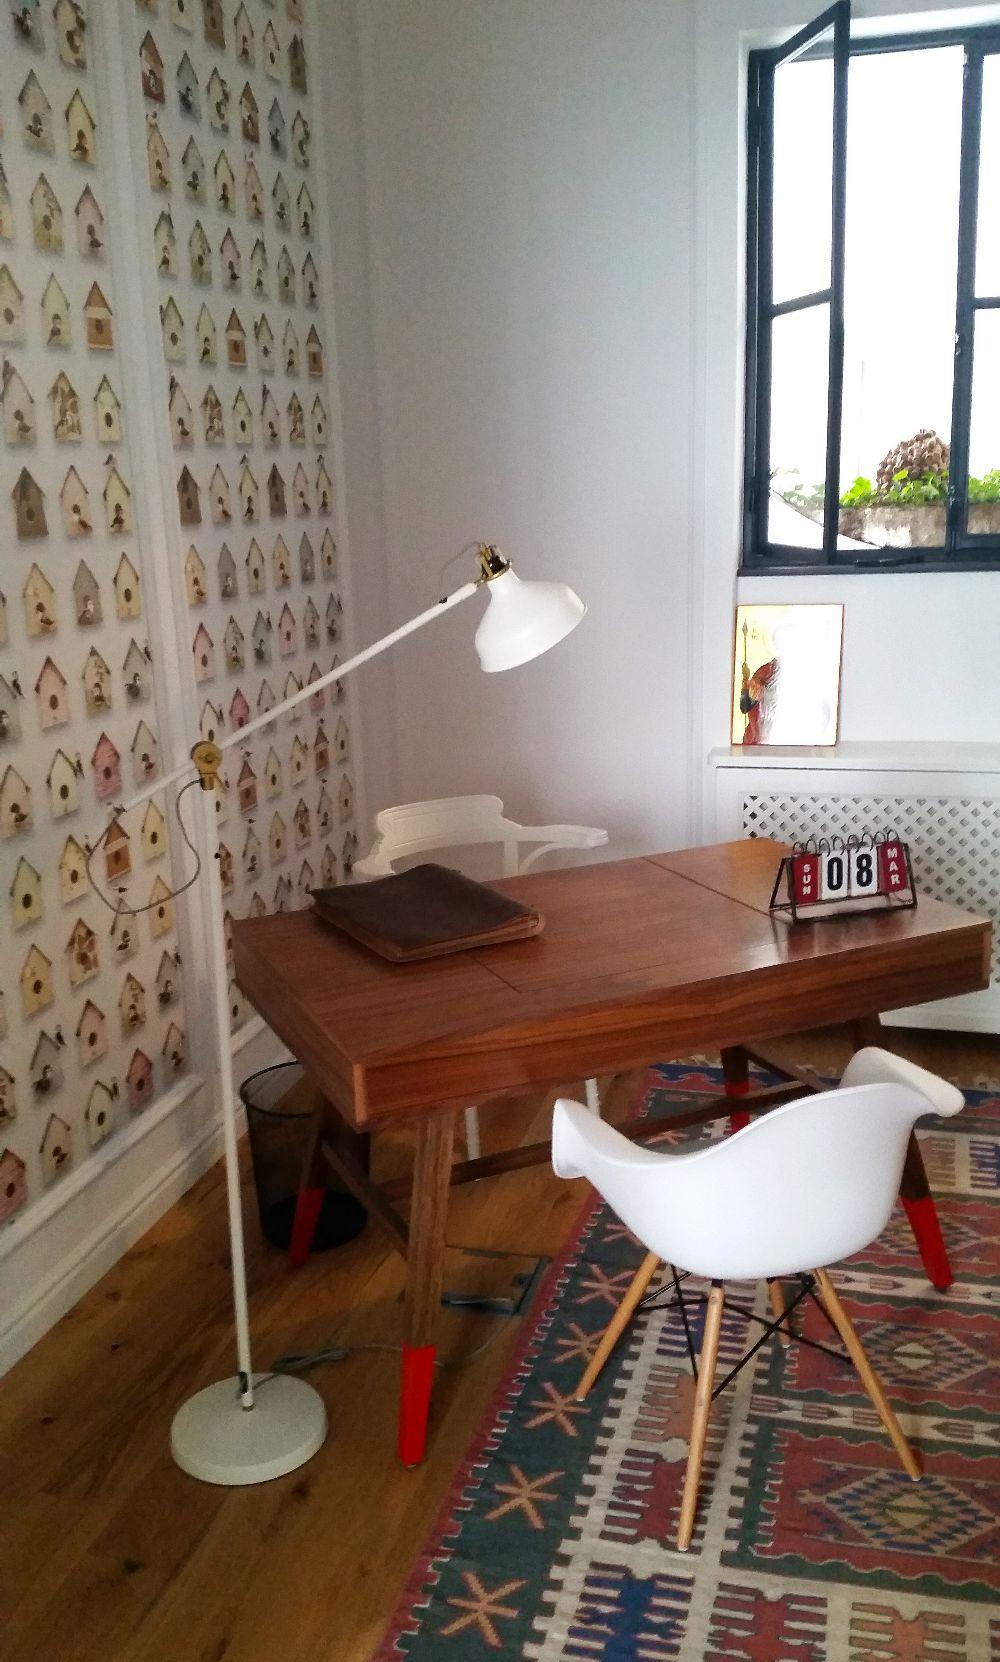 adelaparvu.com despre atelierul designerului florist Nicu Bocancea, Foraria Iris, design interior Pascal Delmotte (11)